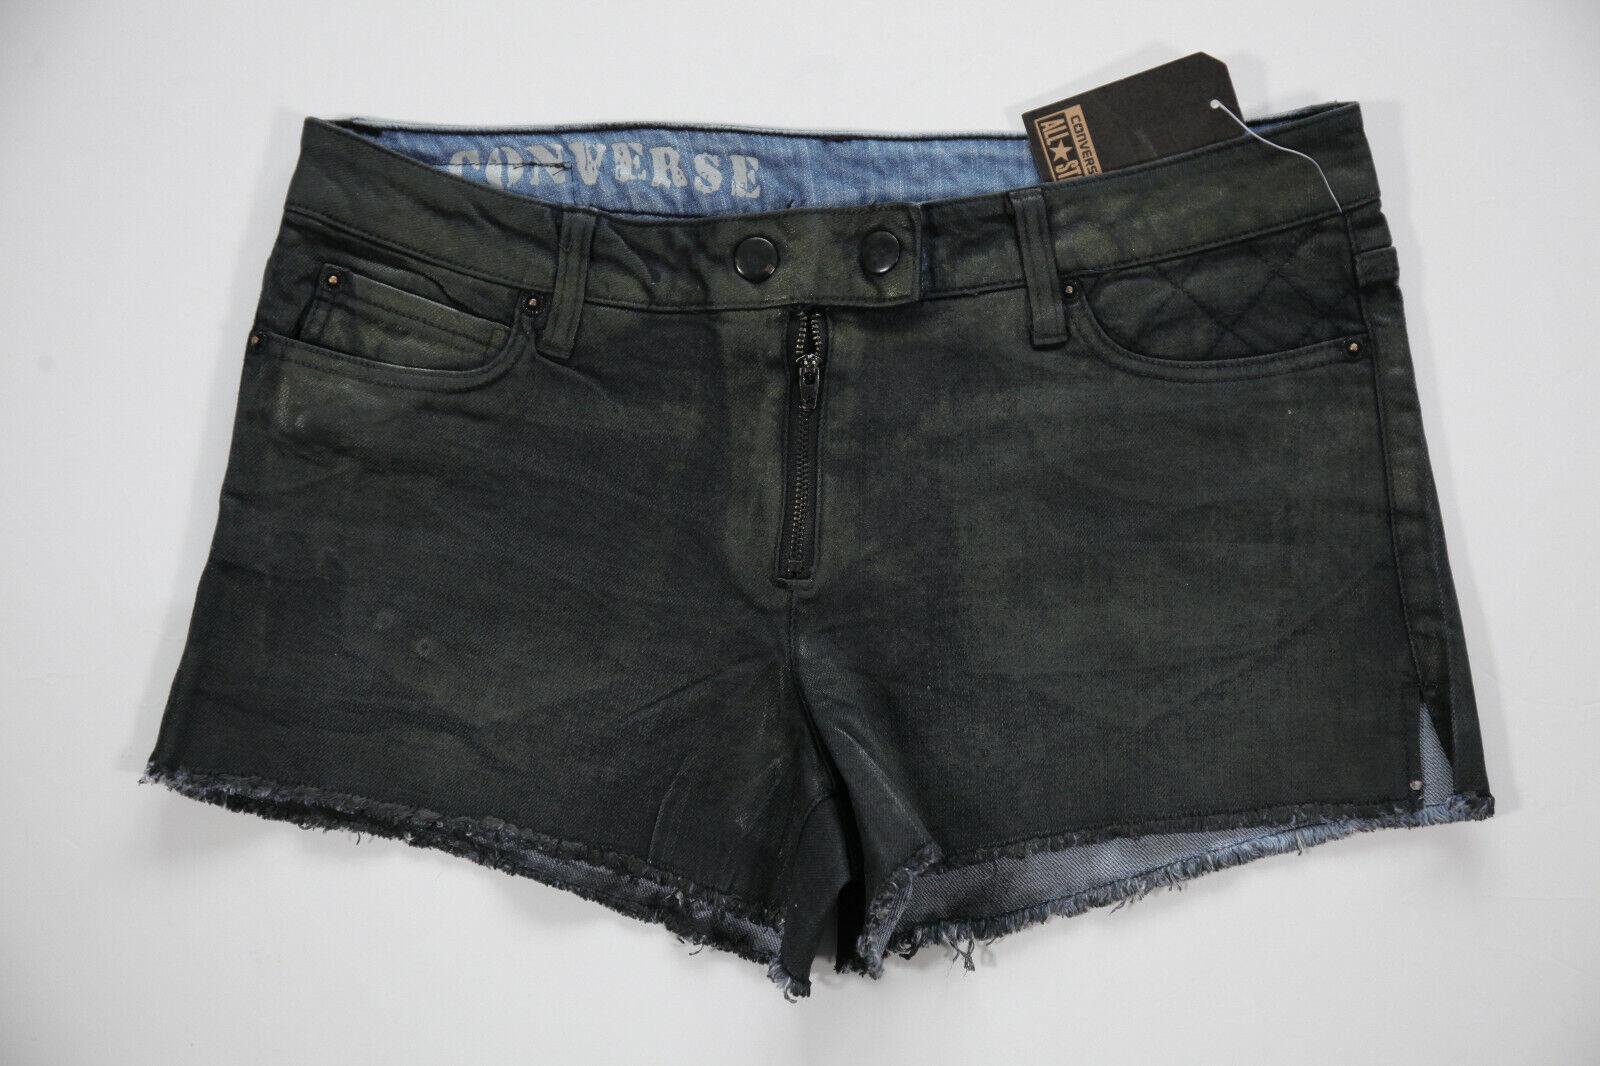 Neu All Star Converse Damen Sommer Denim Jeans Hot Pants Shorts Hose Gr.28 #99